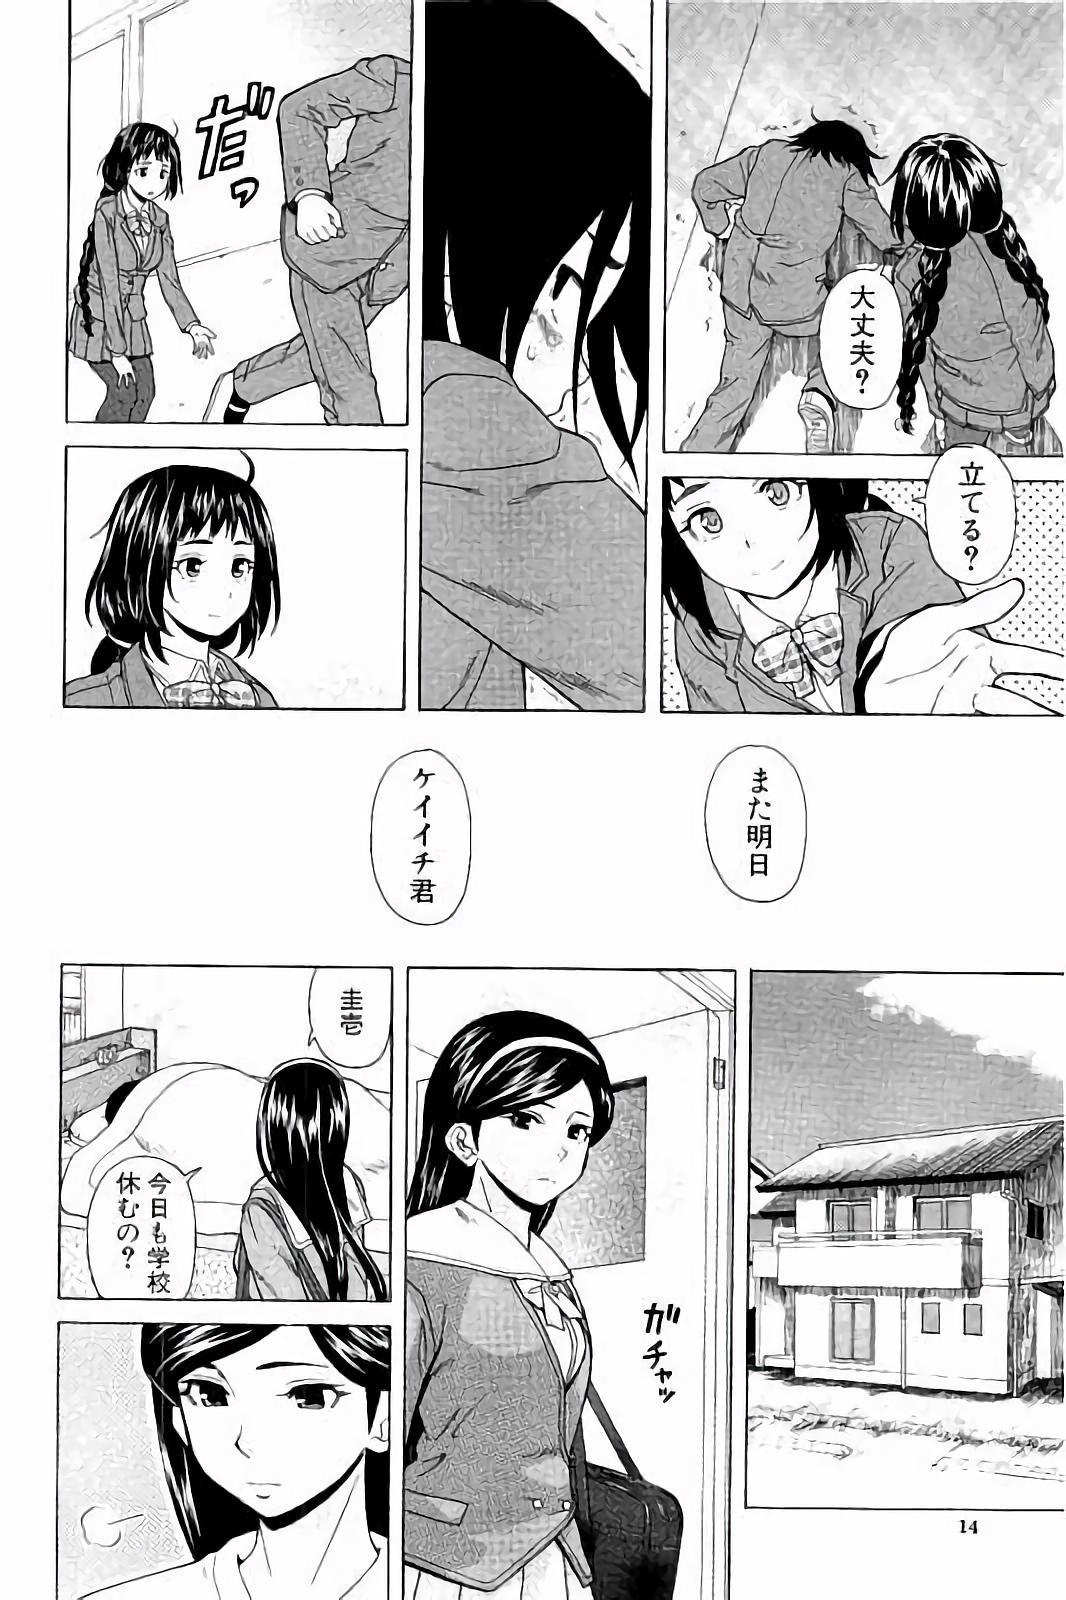 Ane no Himitsu To Boku no Jisatsu 11